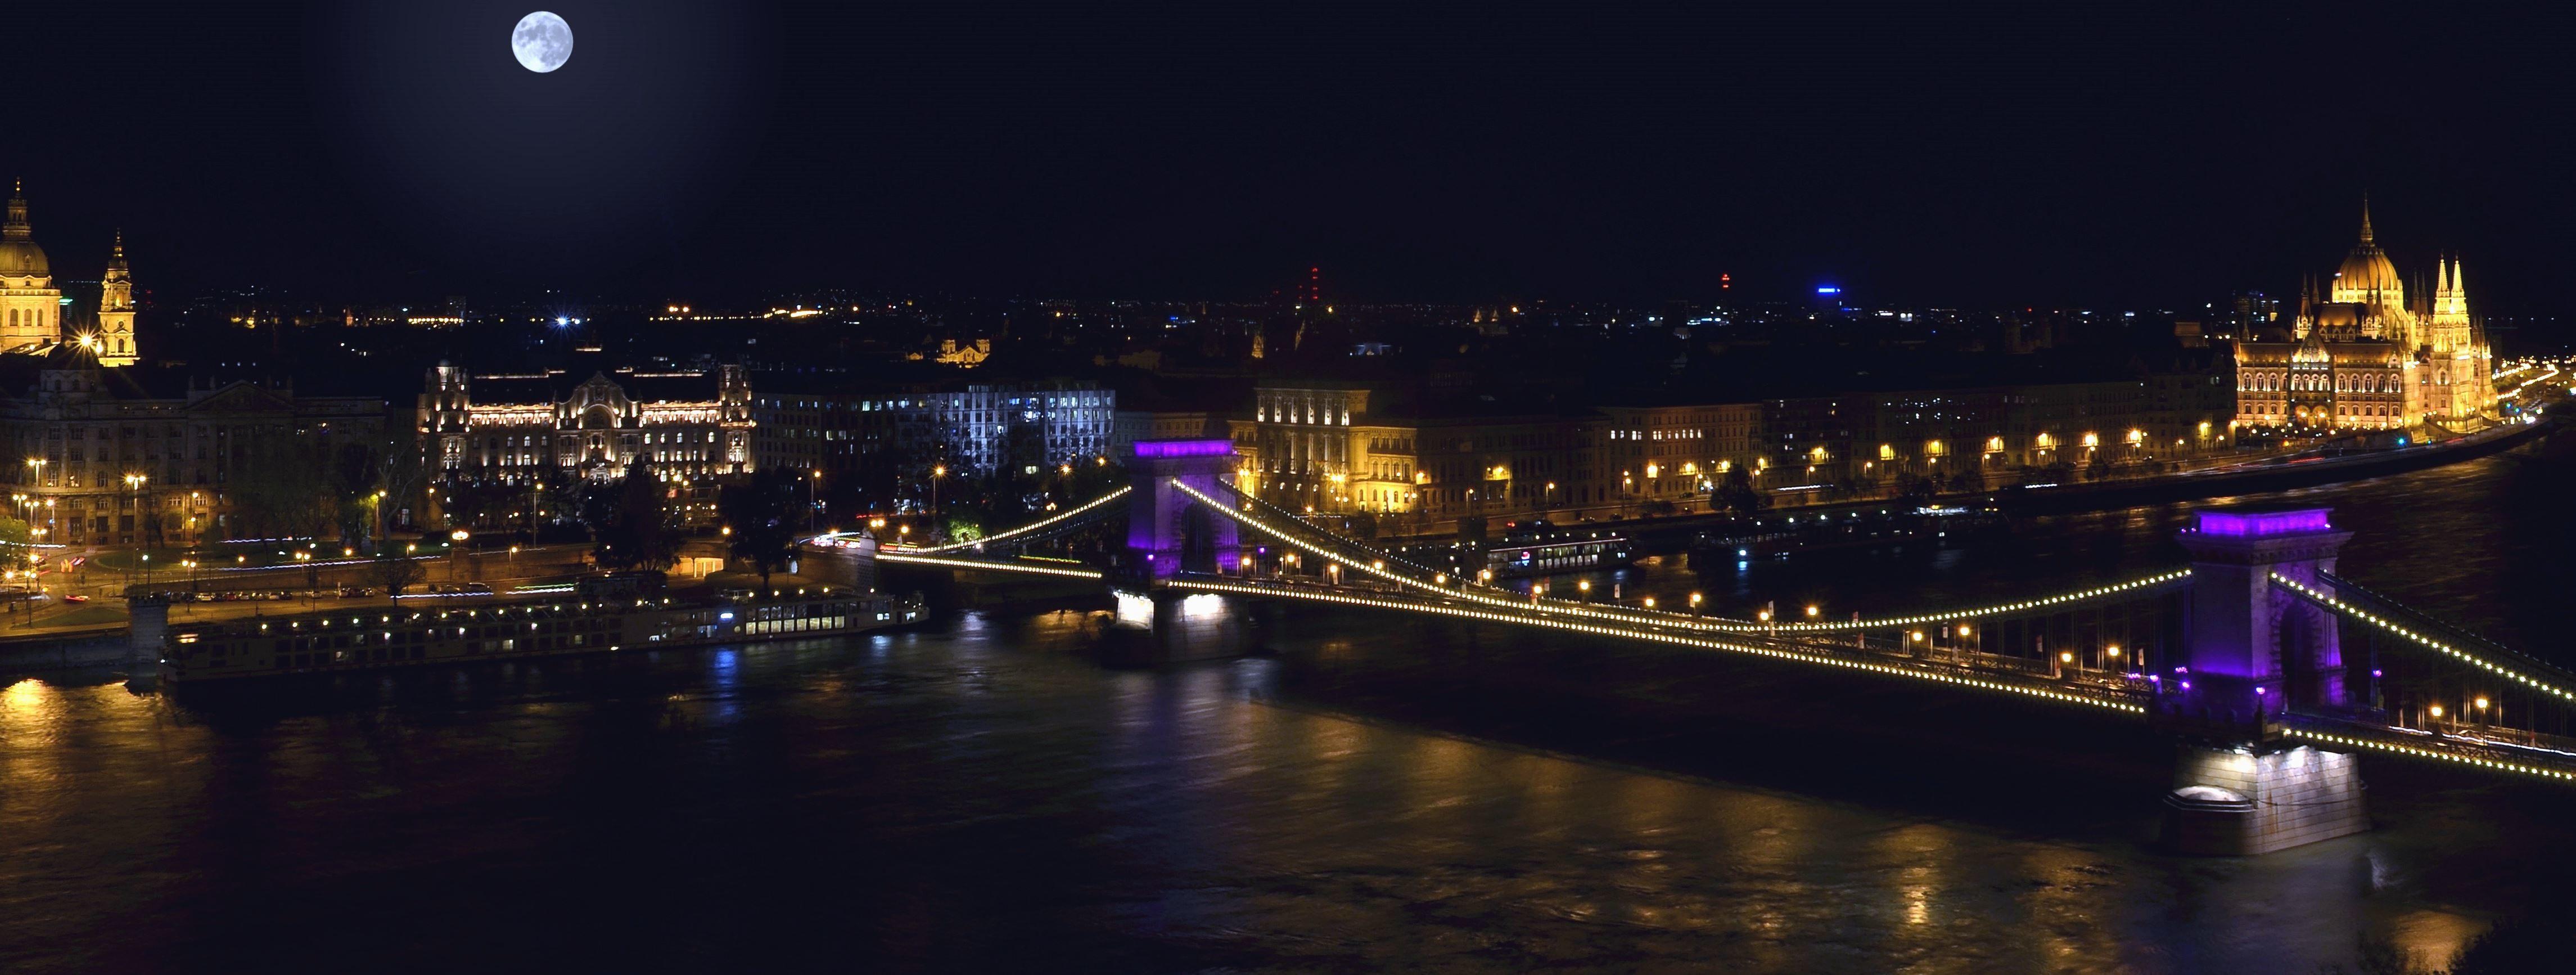 Kostenlose Bild: Brücke, fluss, wasser, nacht, licht, reflexion ...